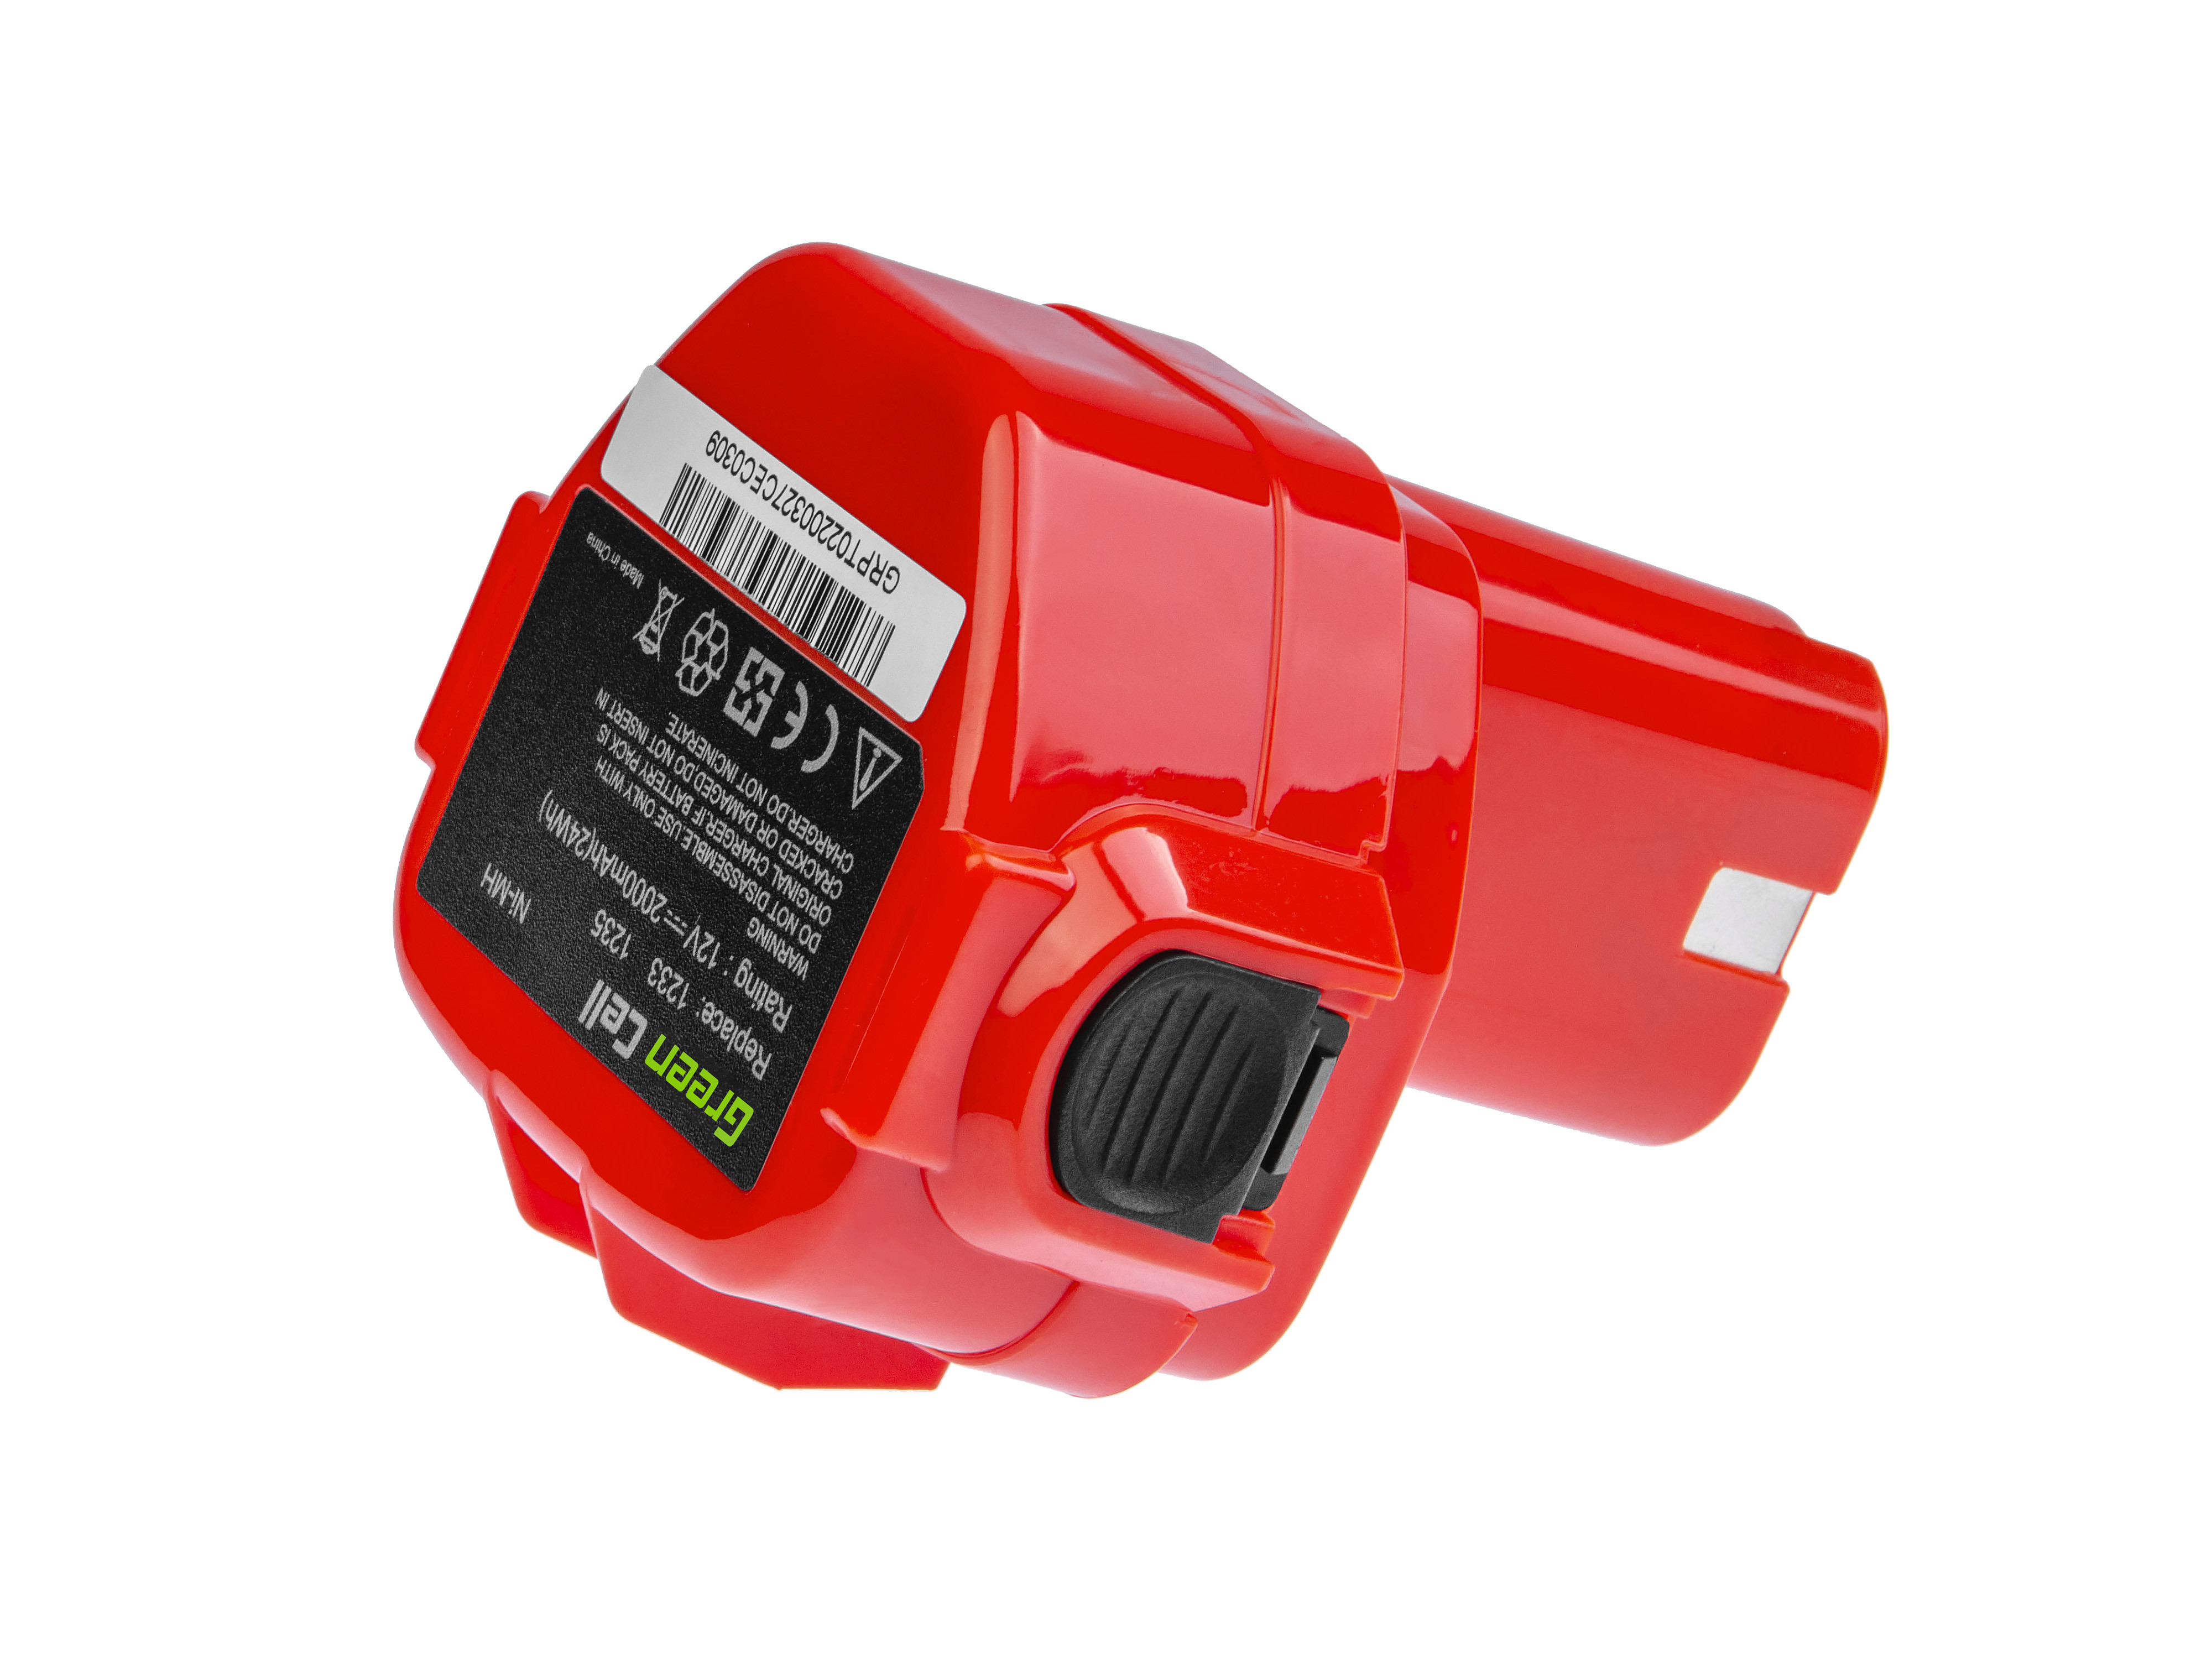 Batteri av elverktyg 1220 1222 för Makita 1050D 4191D 6271D 6835D 8413D